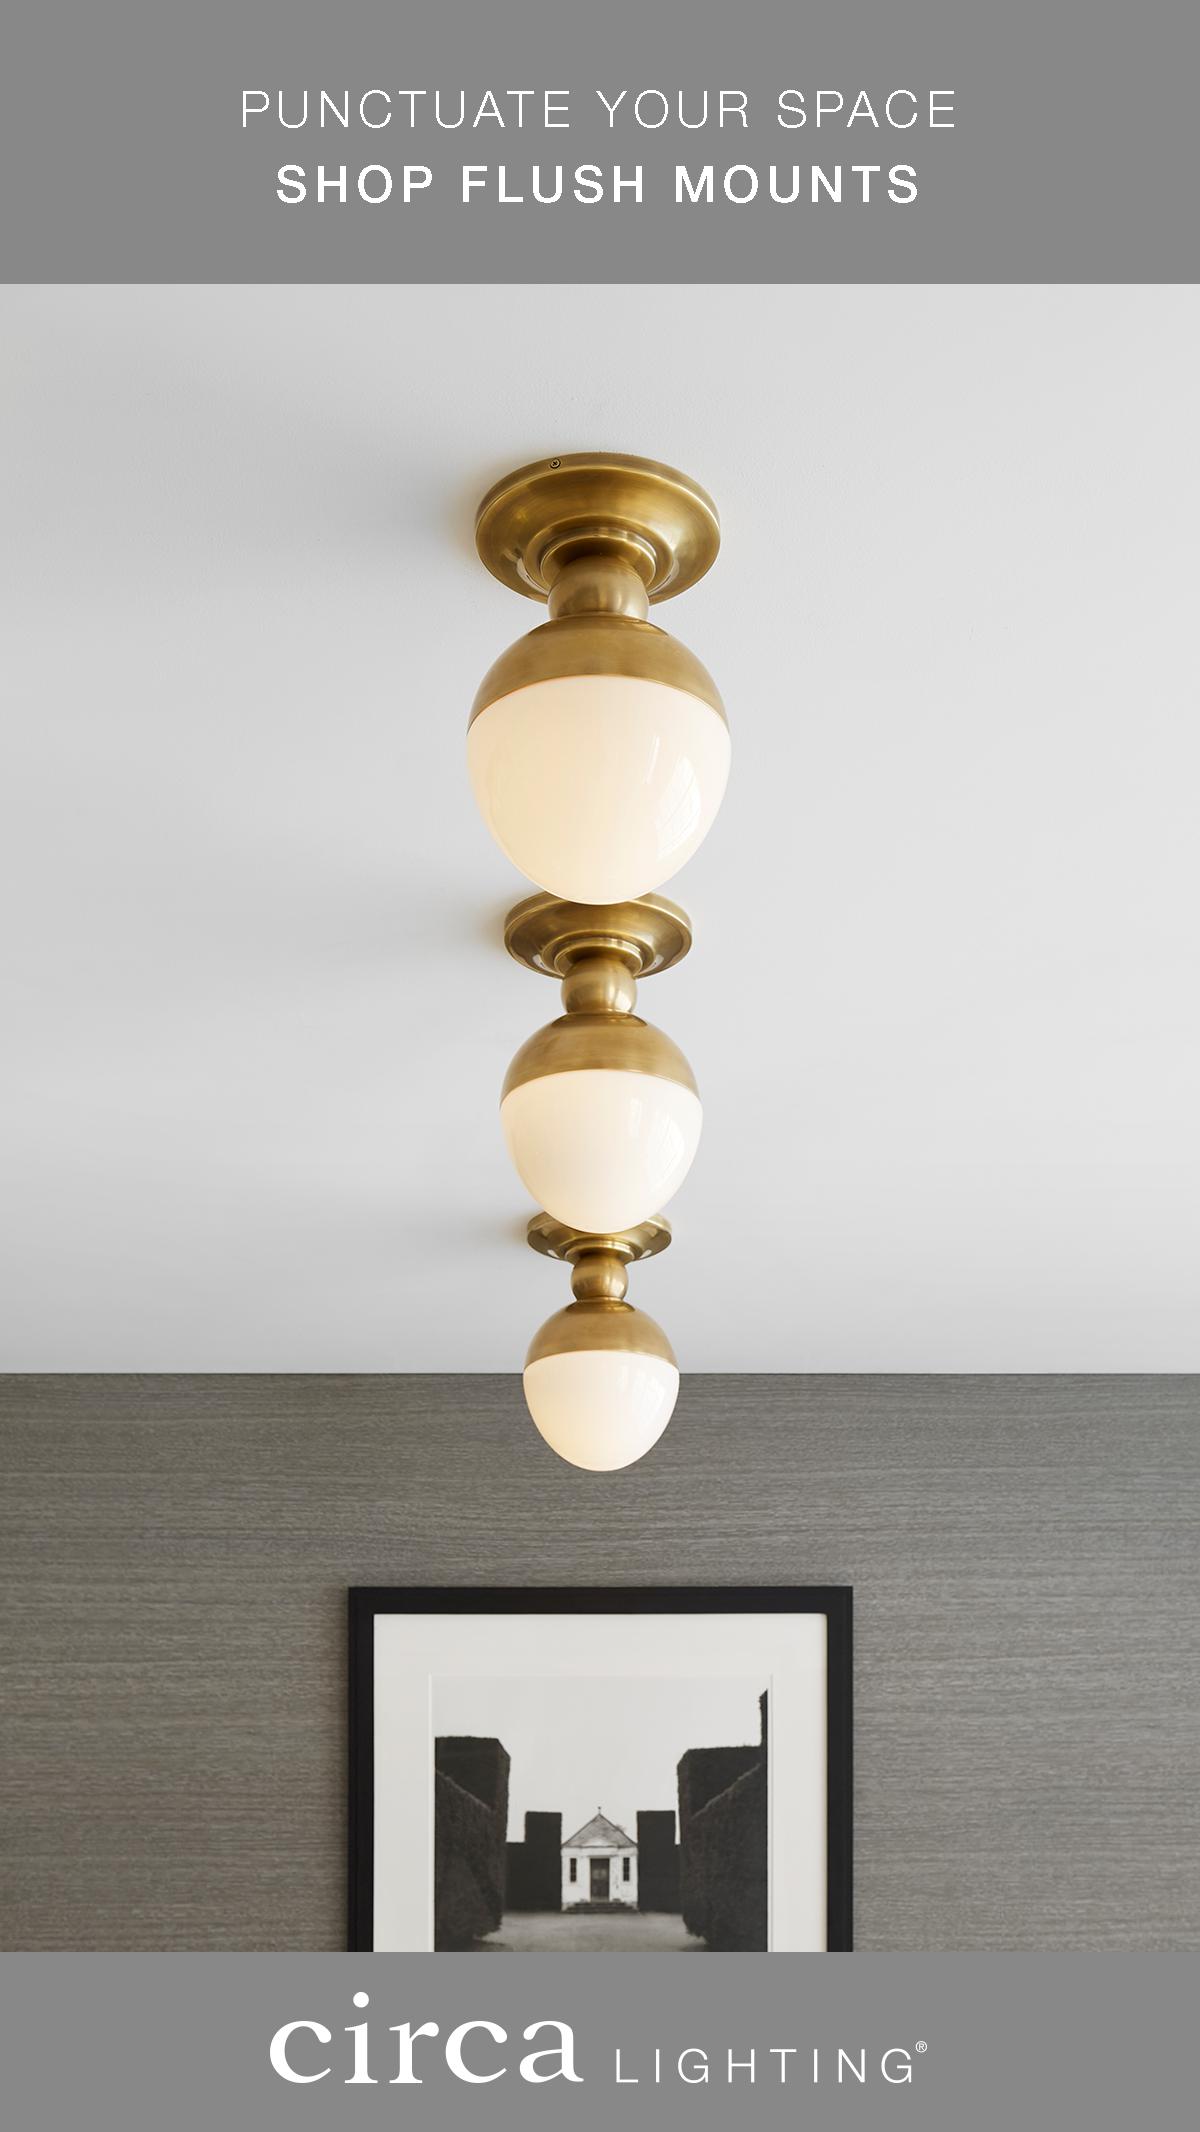 190 For The Home Lighting Ideas In 2021 Lighting Light Lights